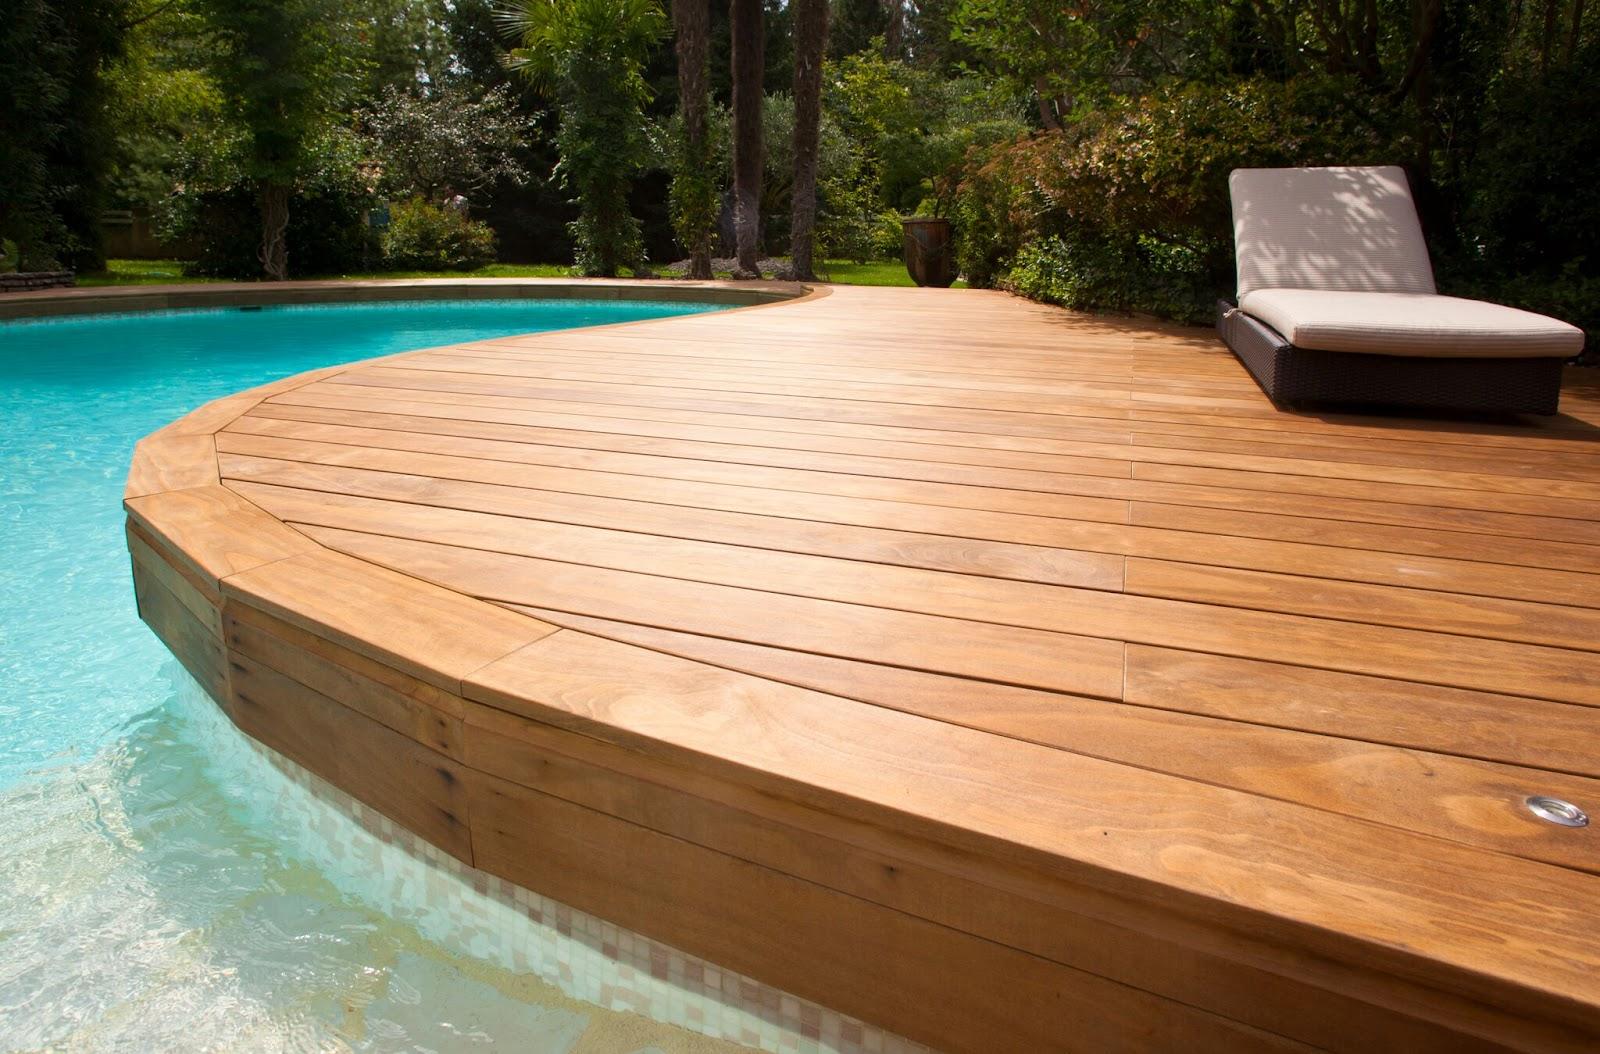 Vedlikeholdsfrie terrassebord egner seg meget godt rundt bassenget